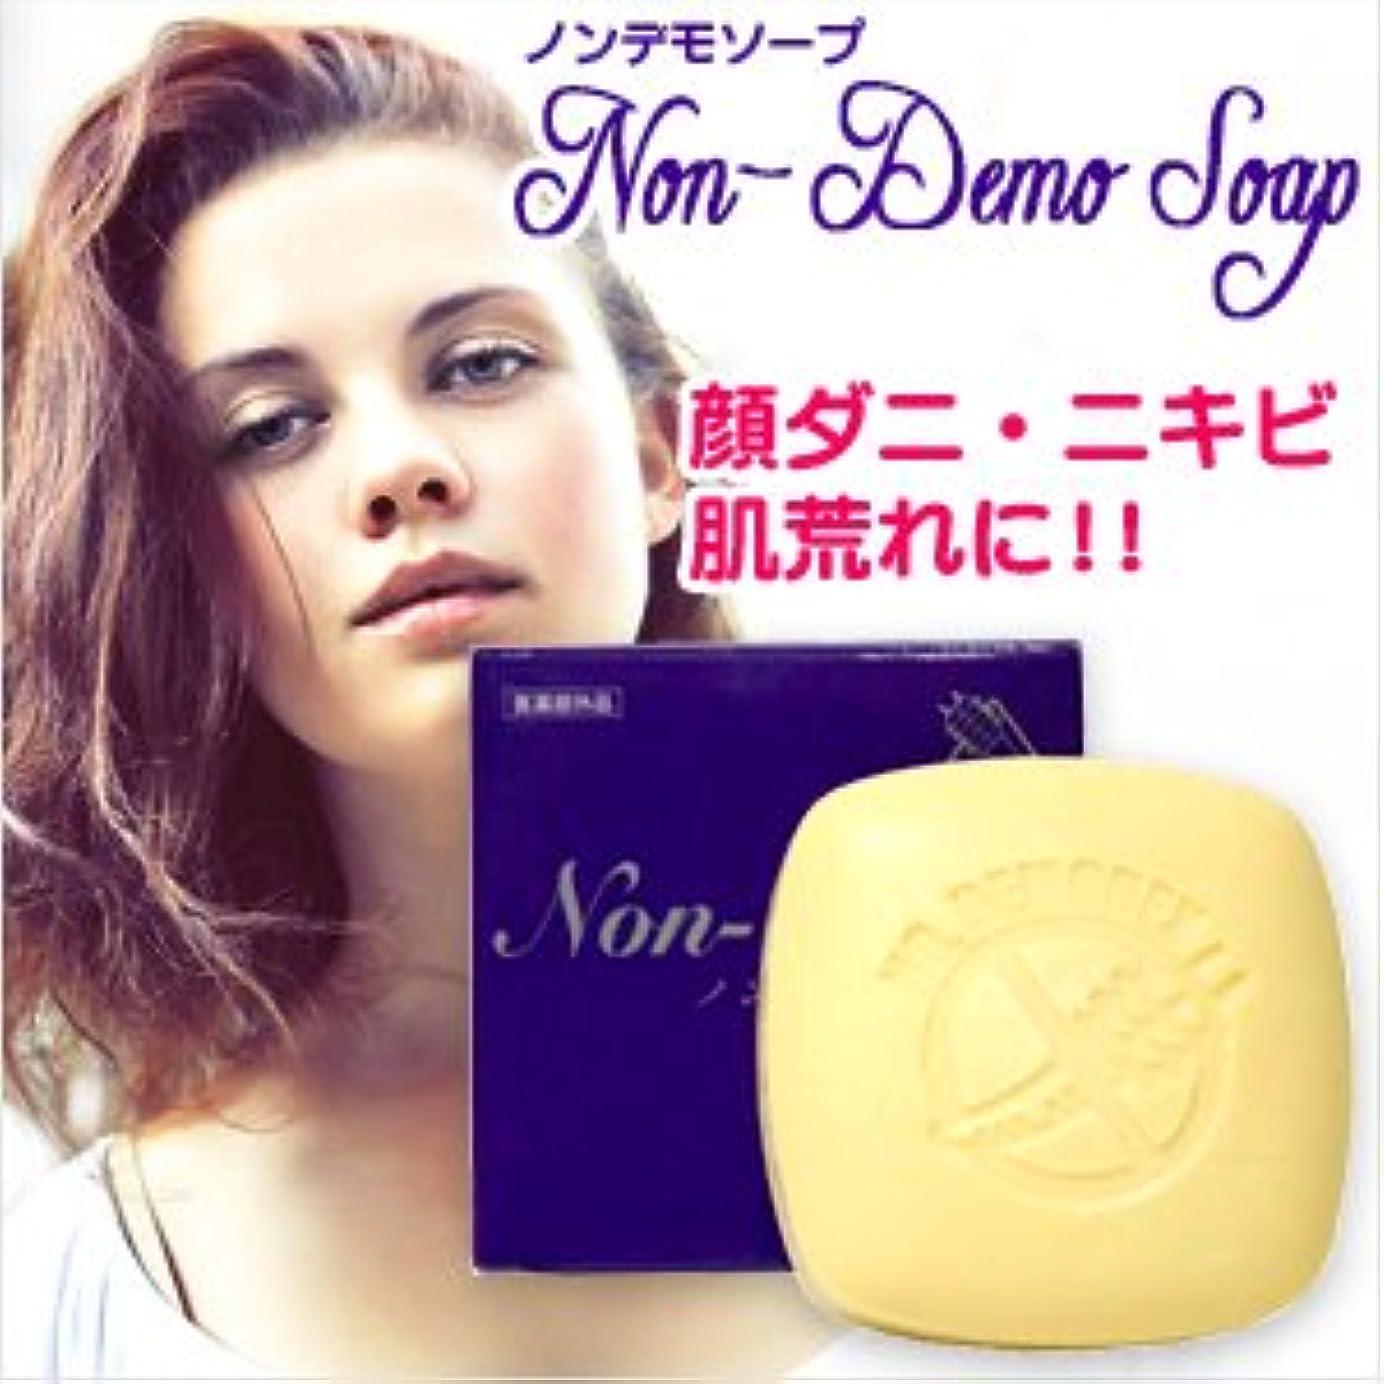 強調変わる通貨(医薬部外品) 顔ダニ石鹸 ノンデモソープ (Non-Demo Soap) 130g